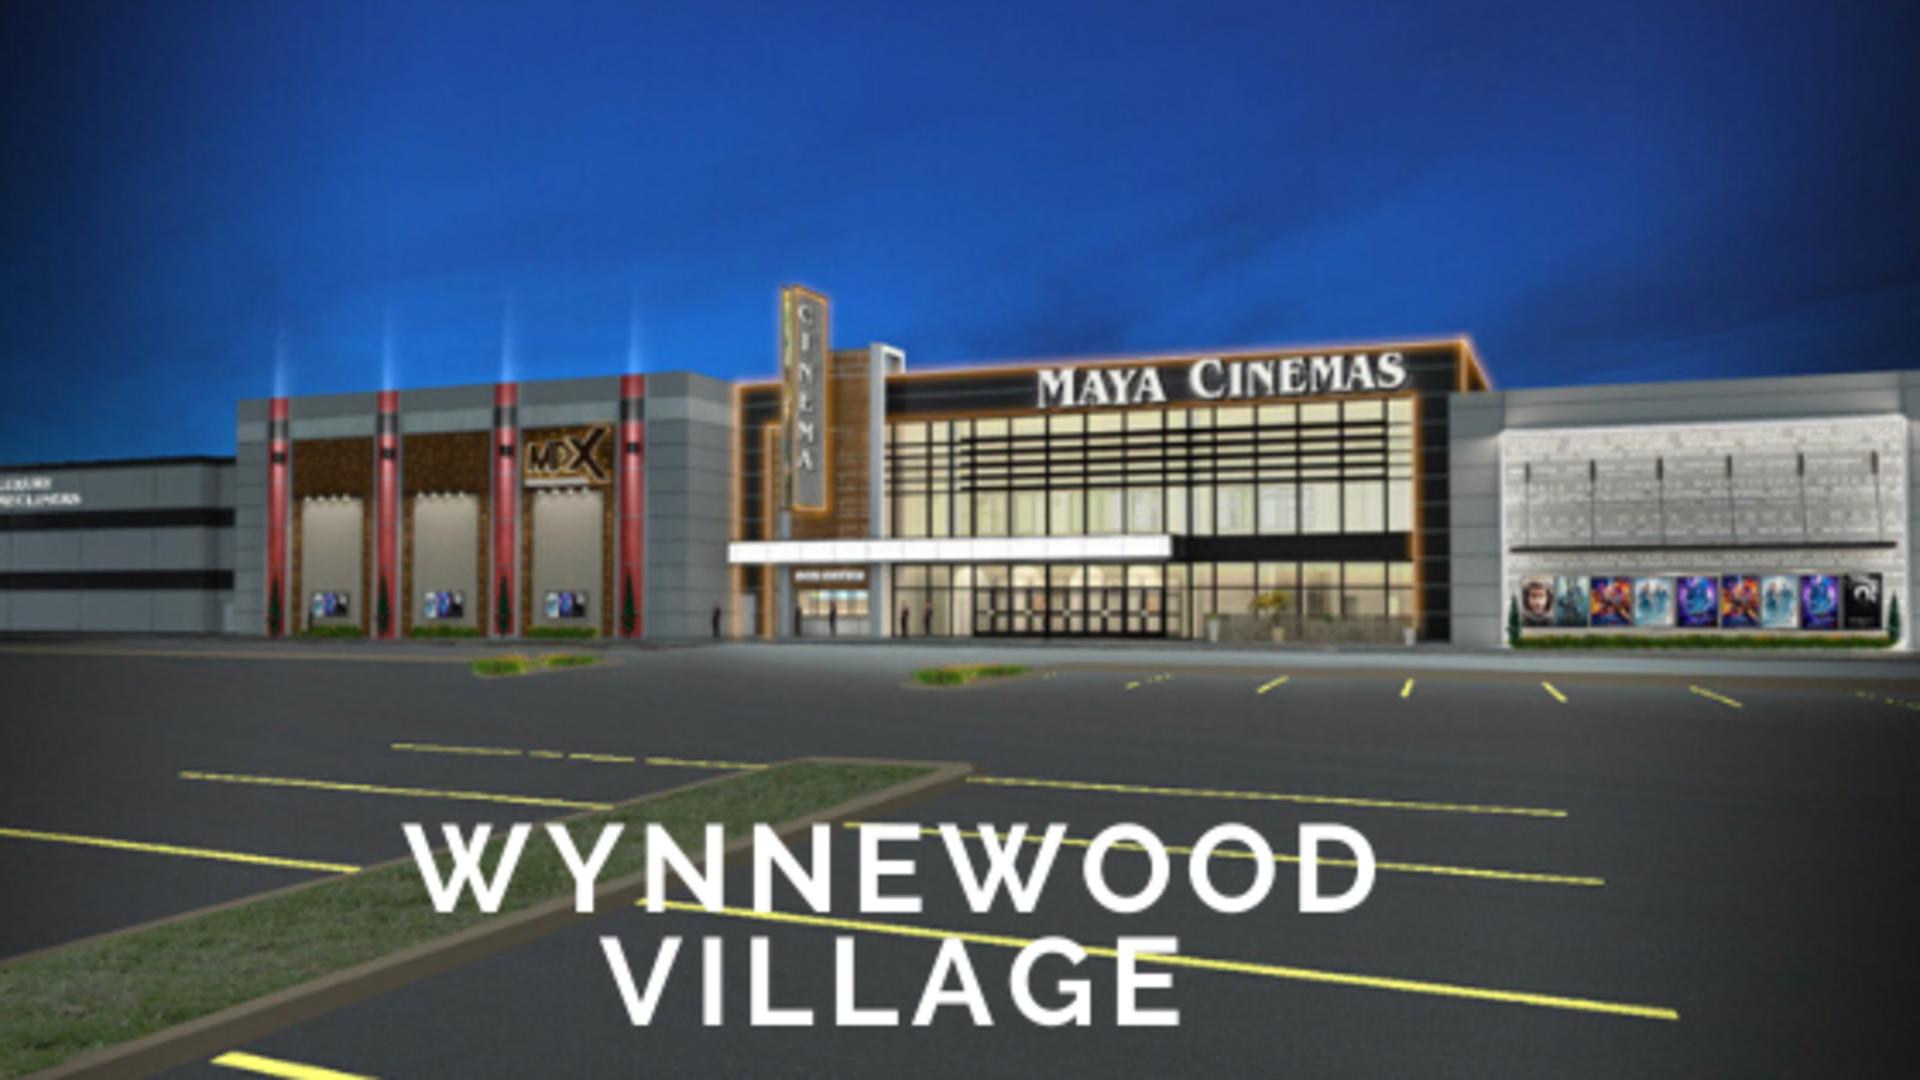 WynneWood Village Million Dollar Makeover